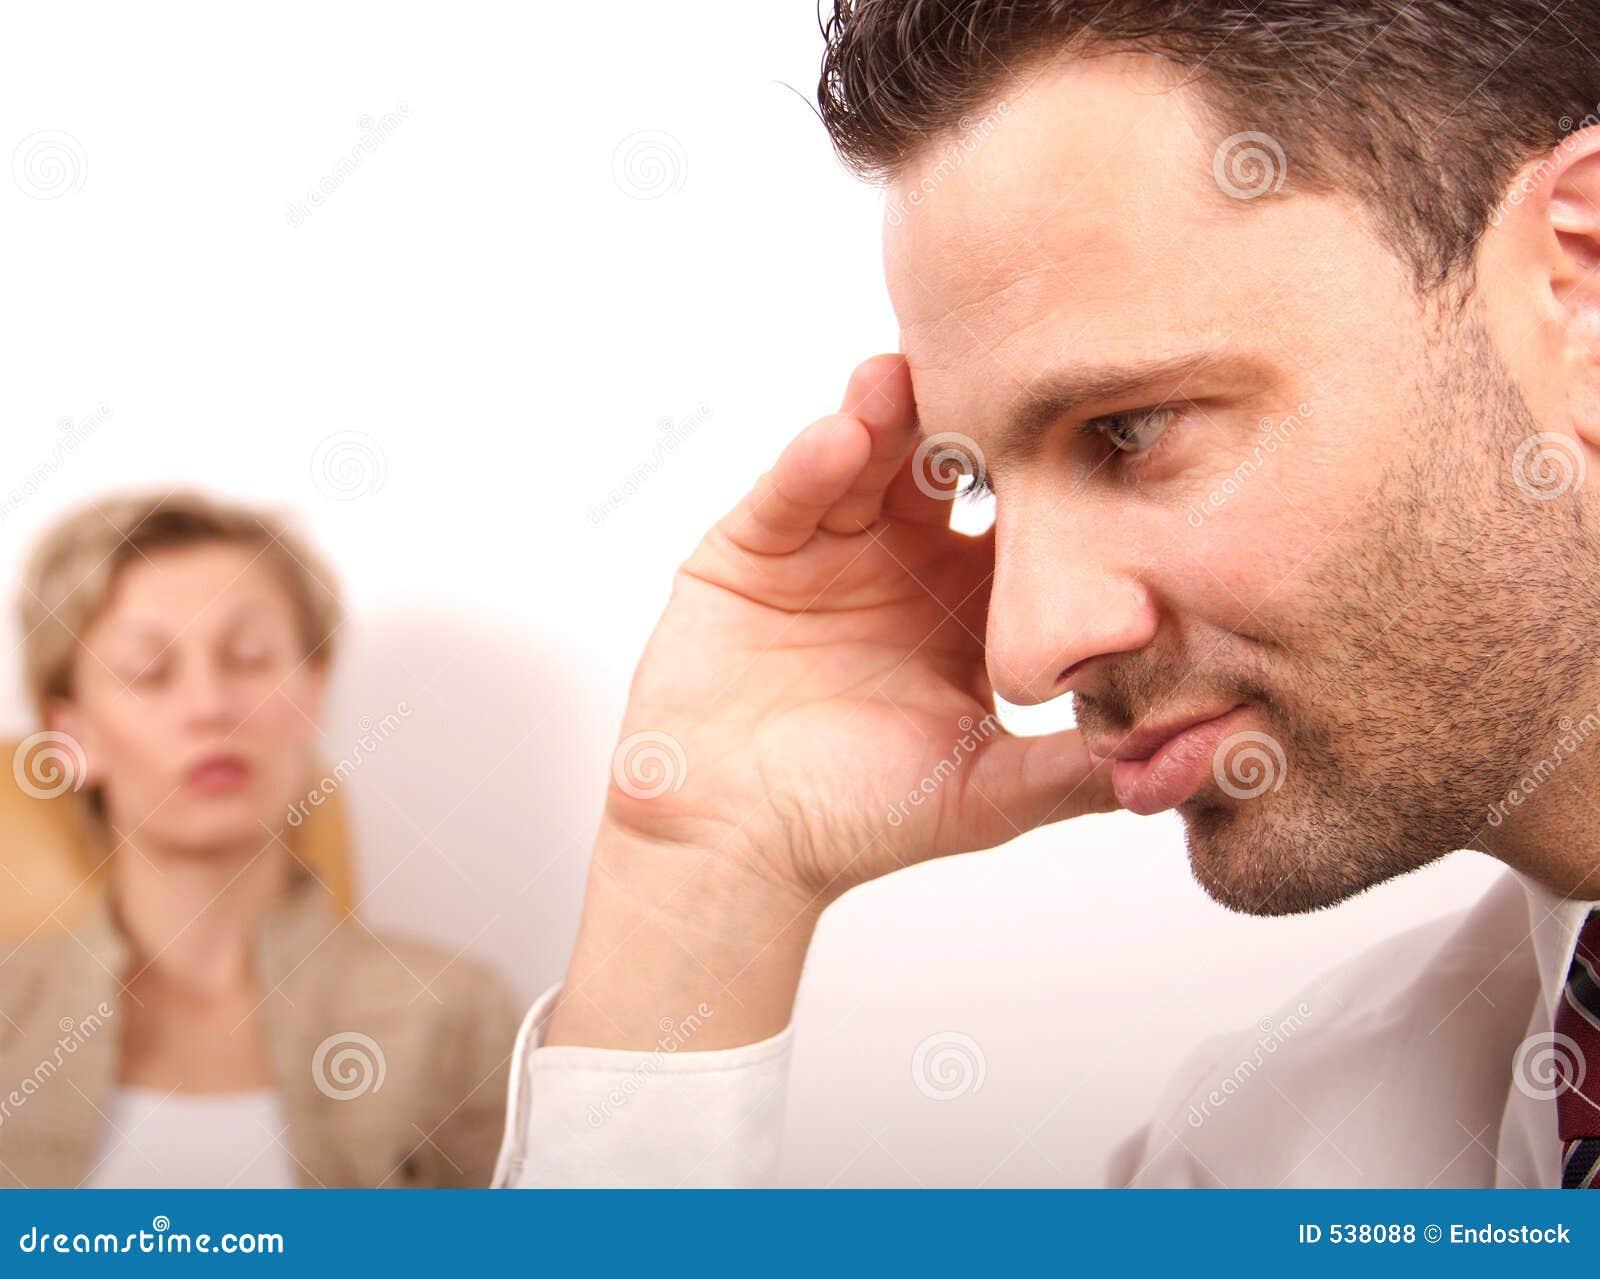 закрытые глаза крышек смотрят на женщину человека руки